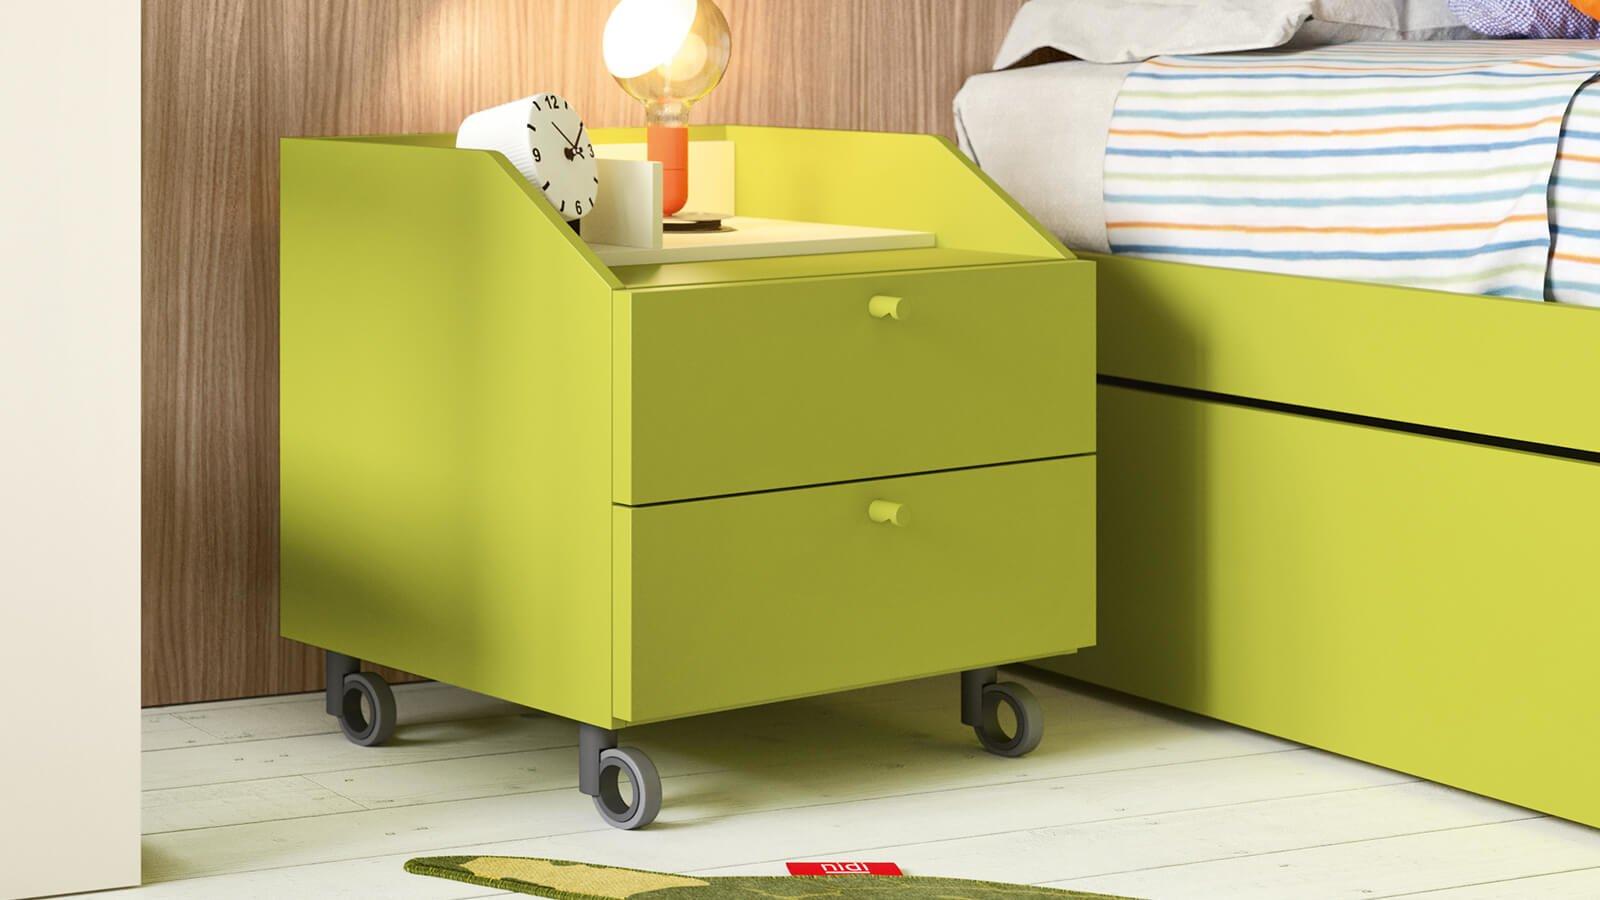 Cassettiere e contenitori su ruote per bambini nidi